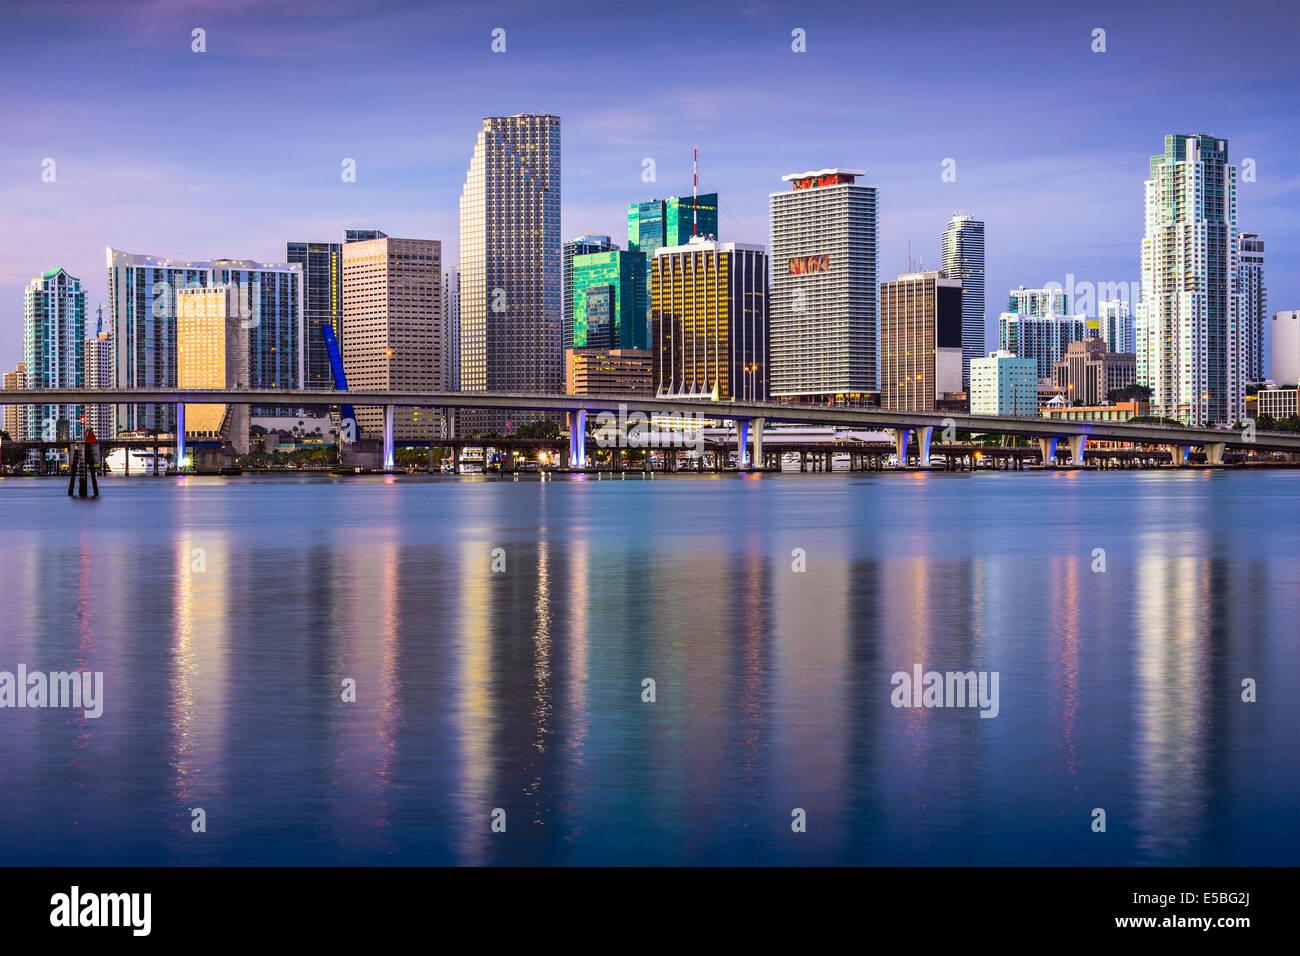 Skyline von downtown Miami, Florida, USA. Stockbild